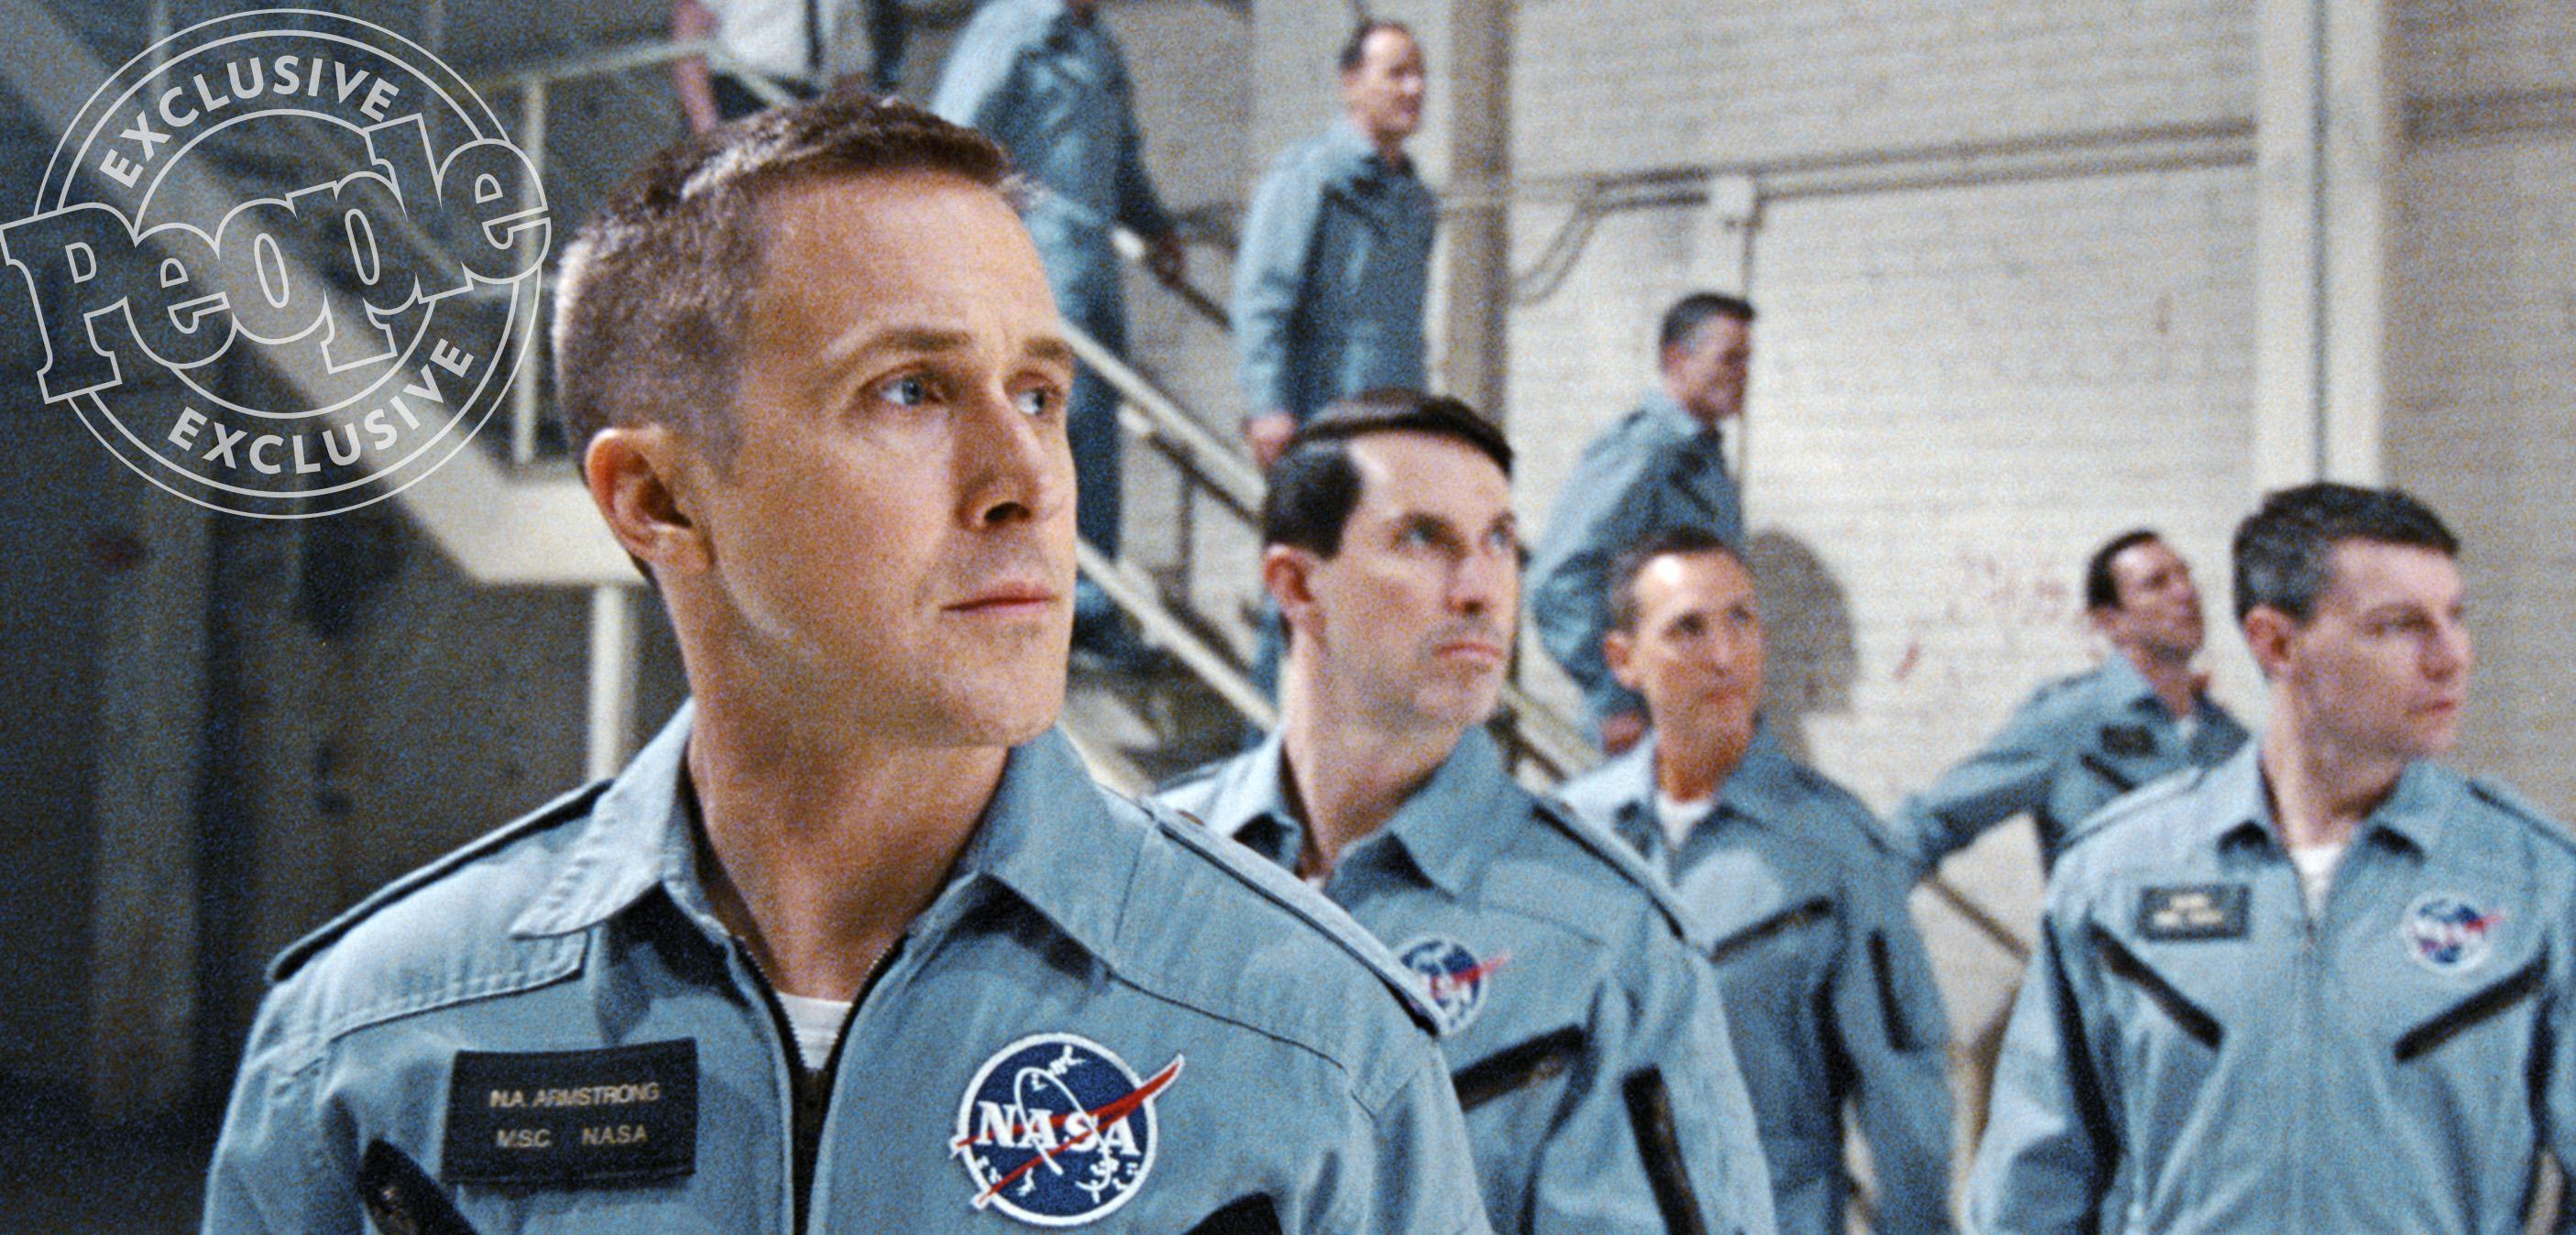 Aufbruch zum Mond Trailer & Bilder 1